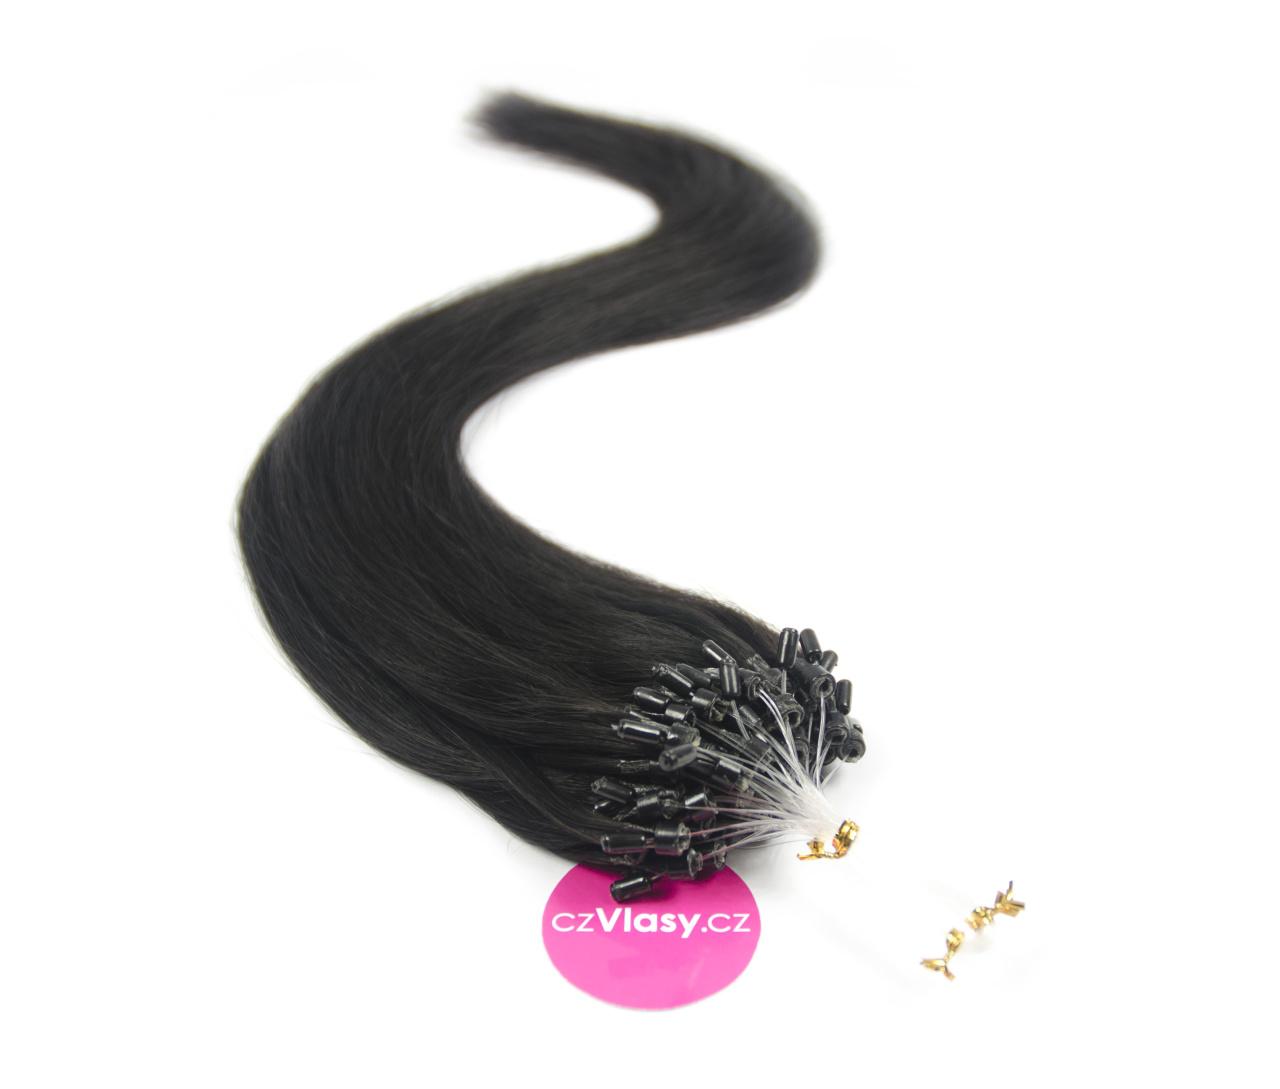 Indické vlasy na metodu micro-ring odstín 1A Délka: 60 cm, Hmotnost: 1 g/pramínek, REMY